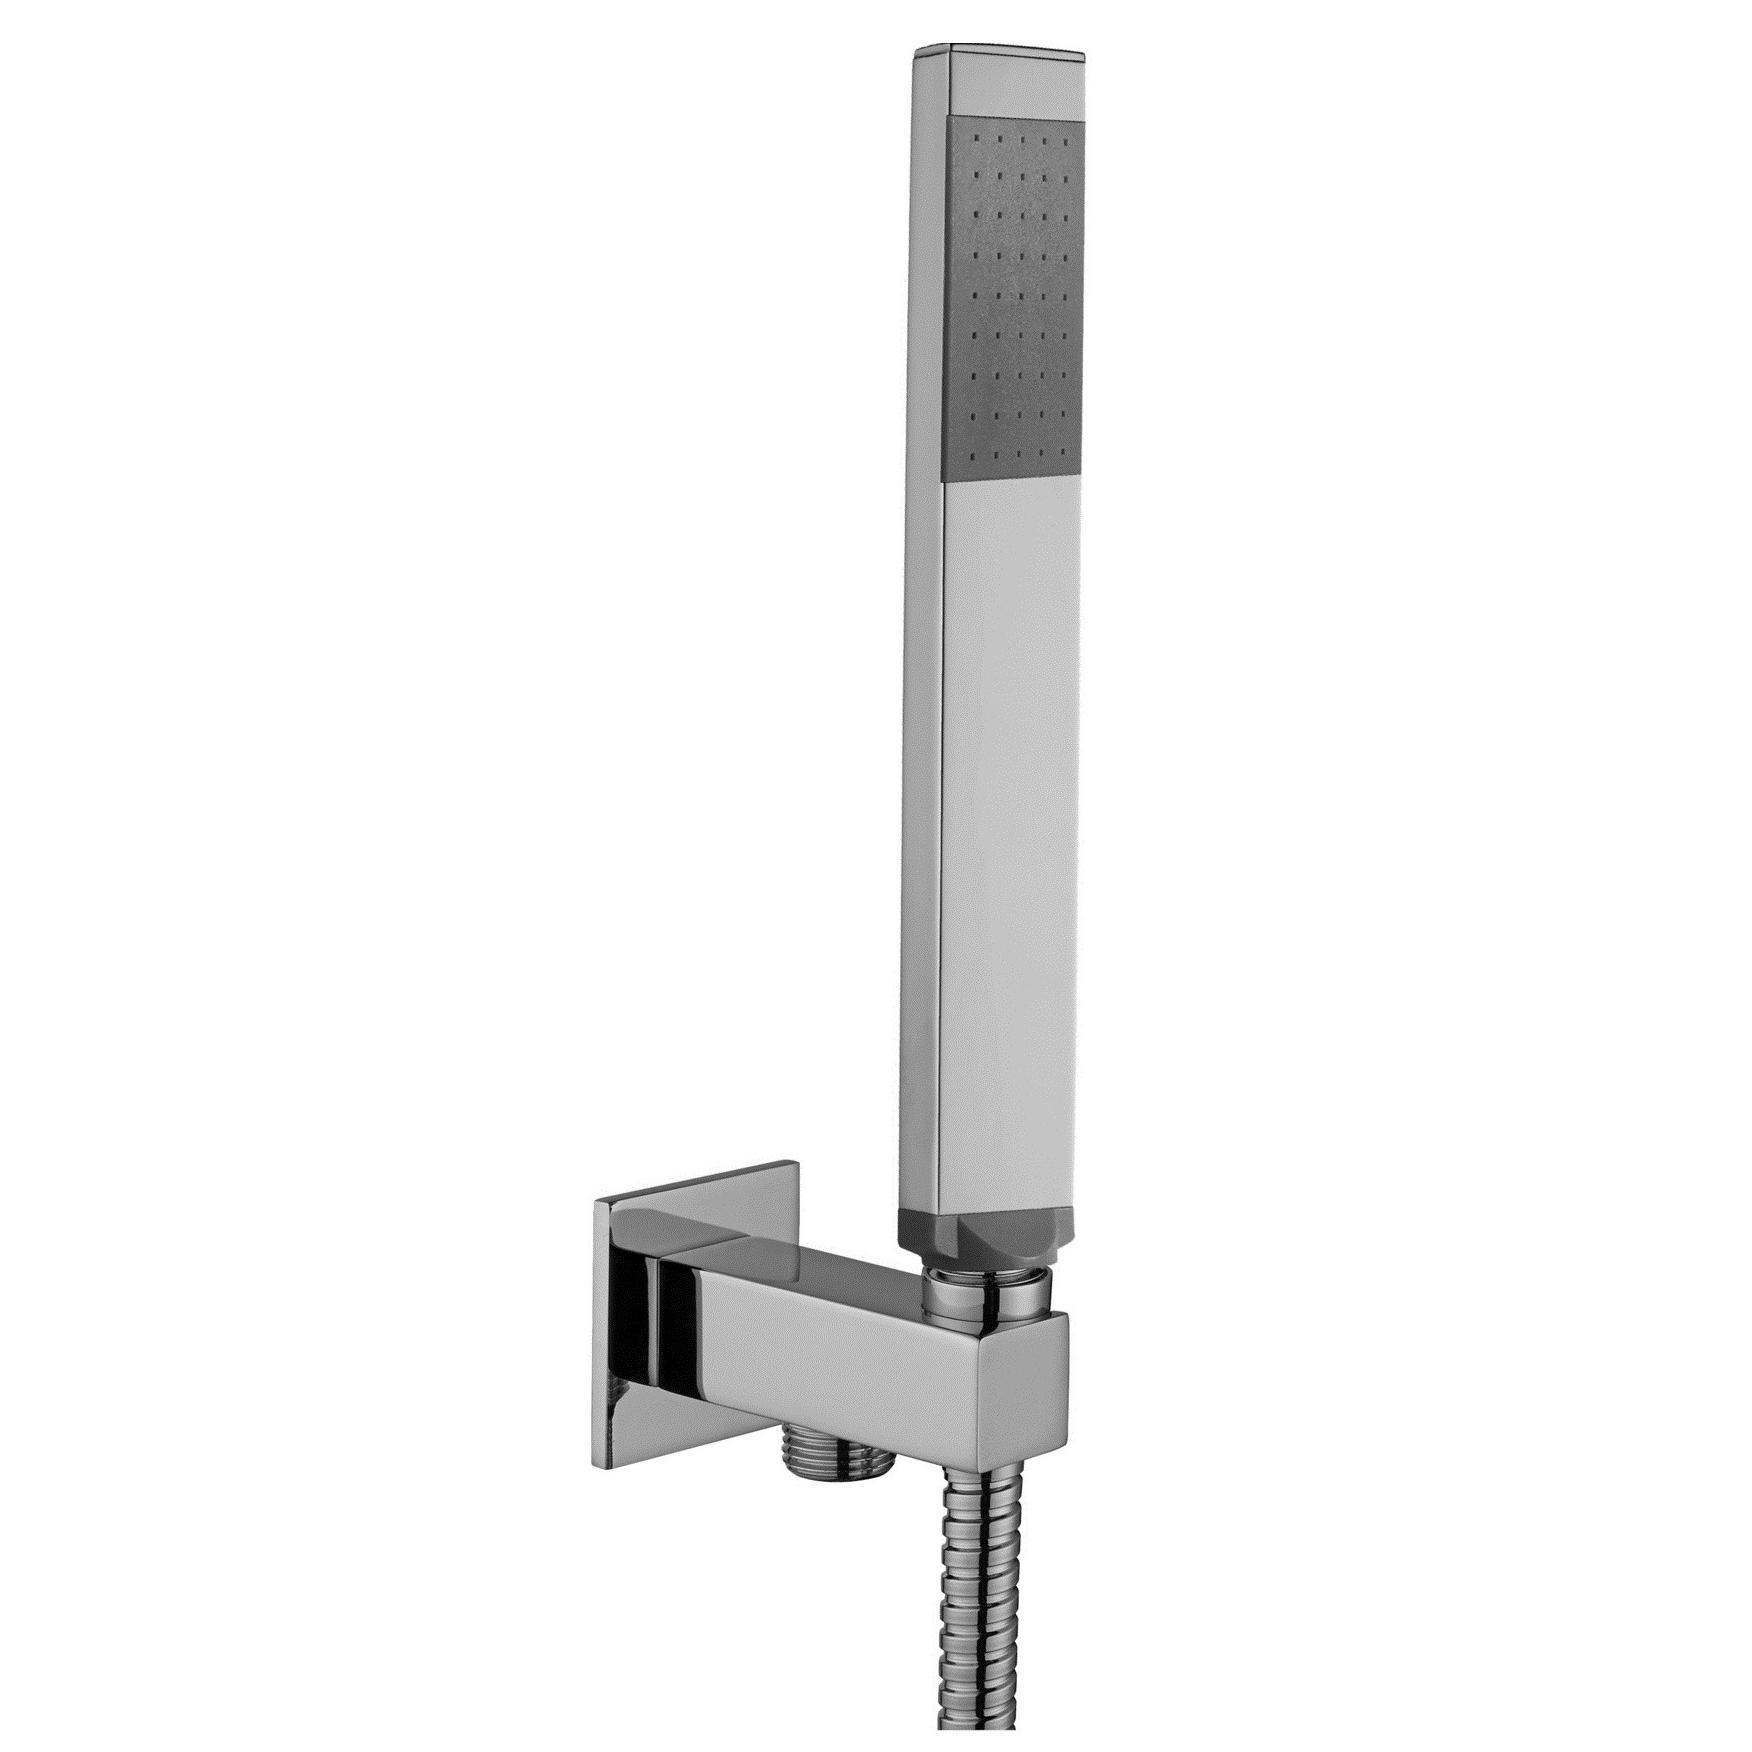 Ручной душ Paffoni с держателем, шлангом 1500 мм и выпуском со стены ZDUP095CR